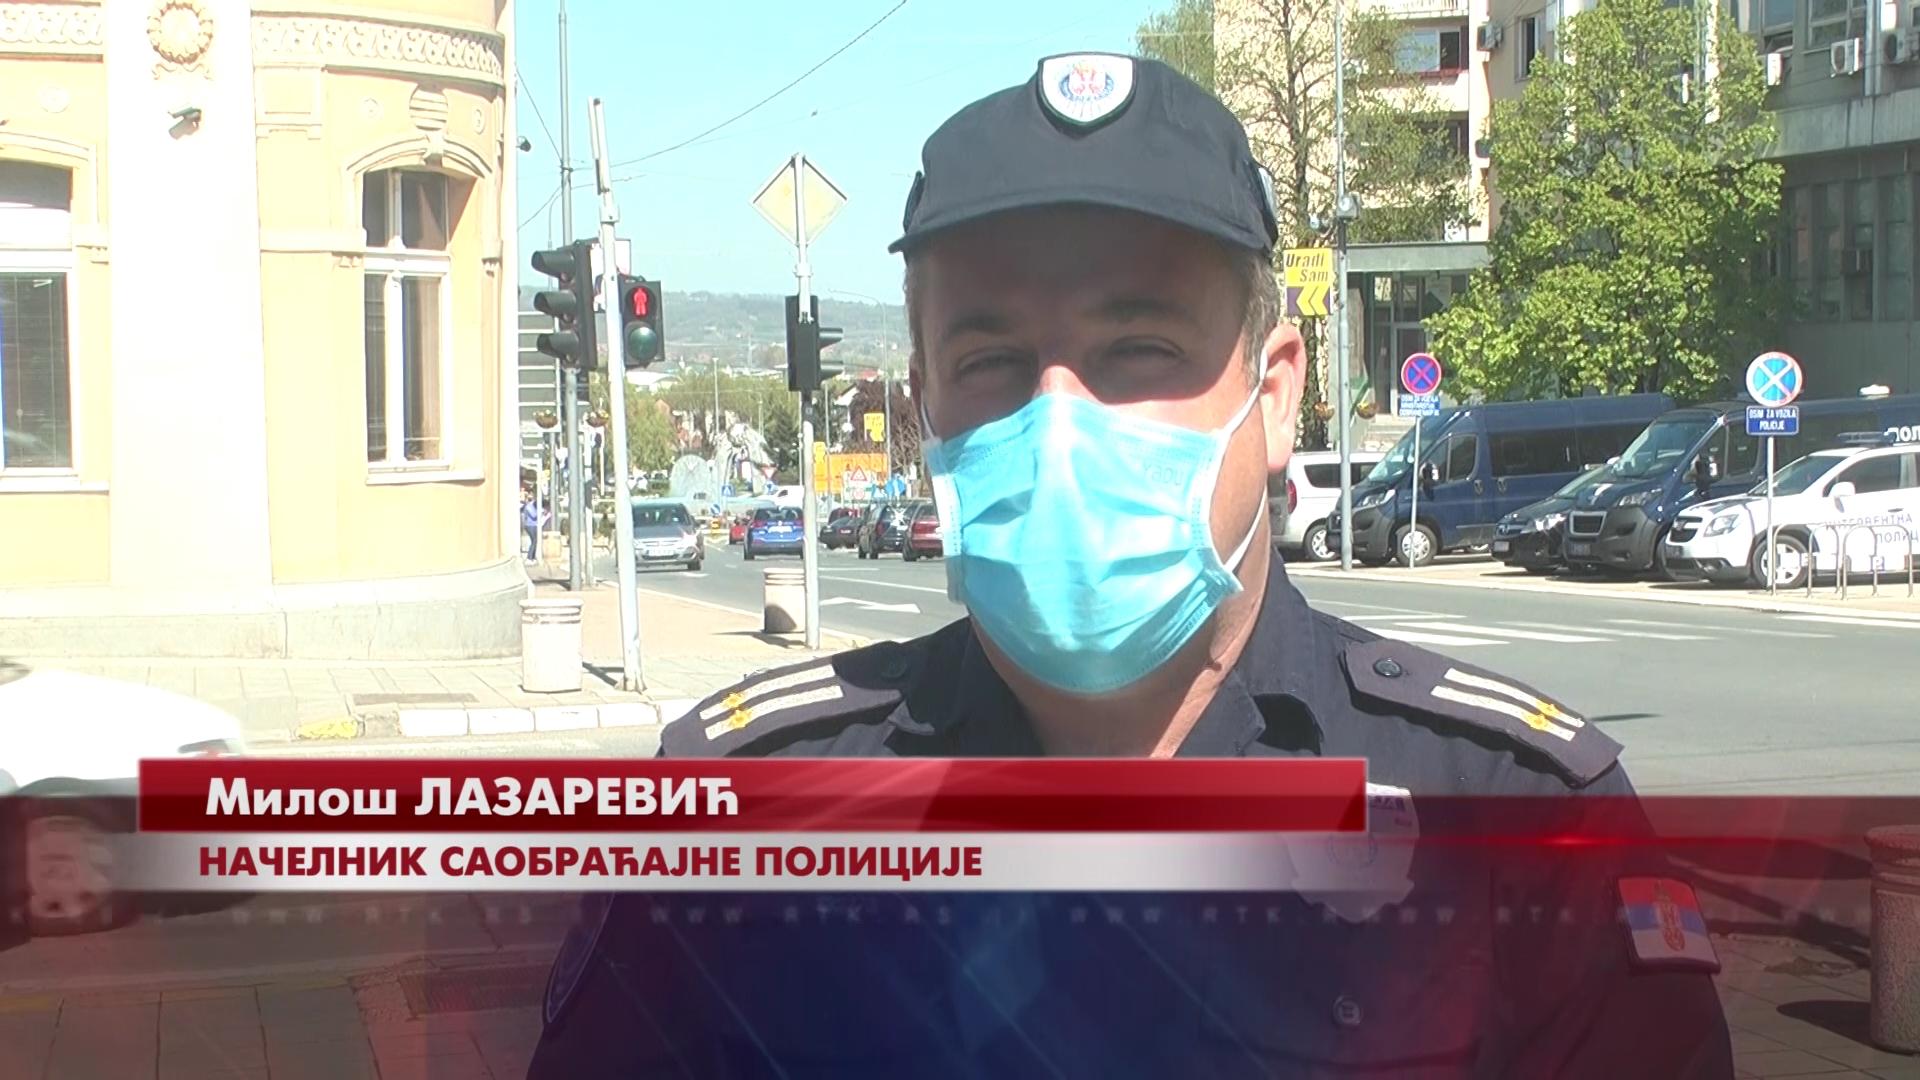 Tokom policijskog časa saobraćaj u Kruševcu samo sporadičan